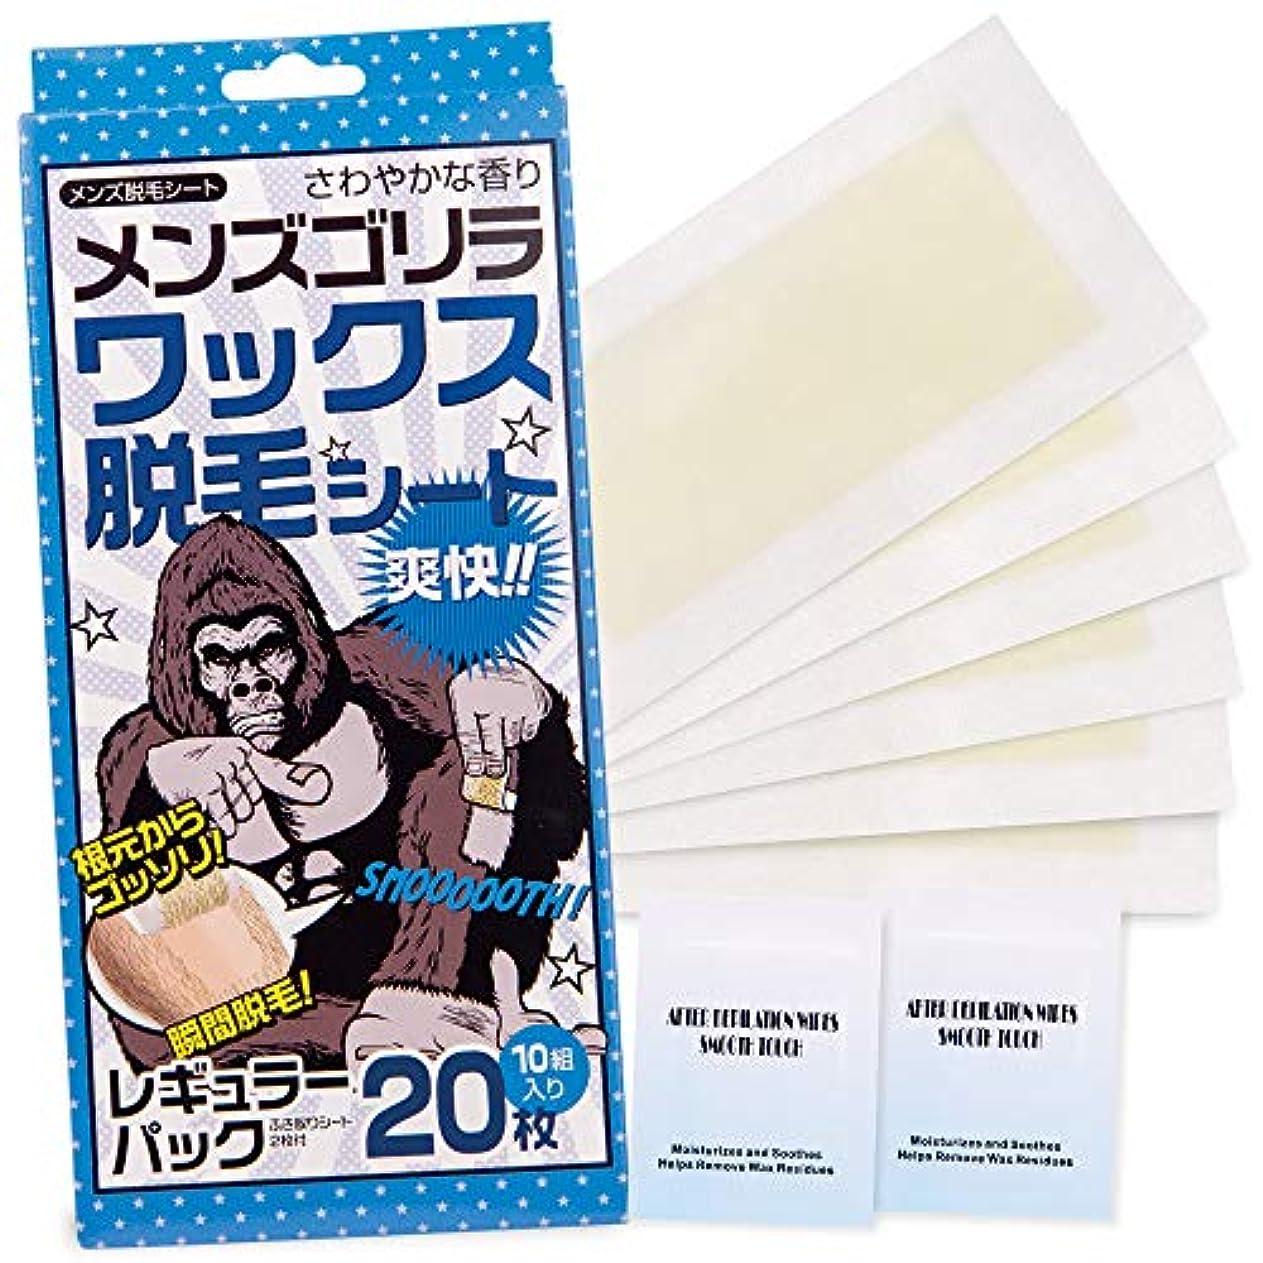 メンズ脱毛シート「ゴリラ」 レギュラーパック10組20枚入り